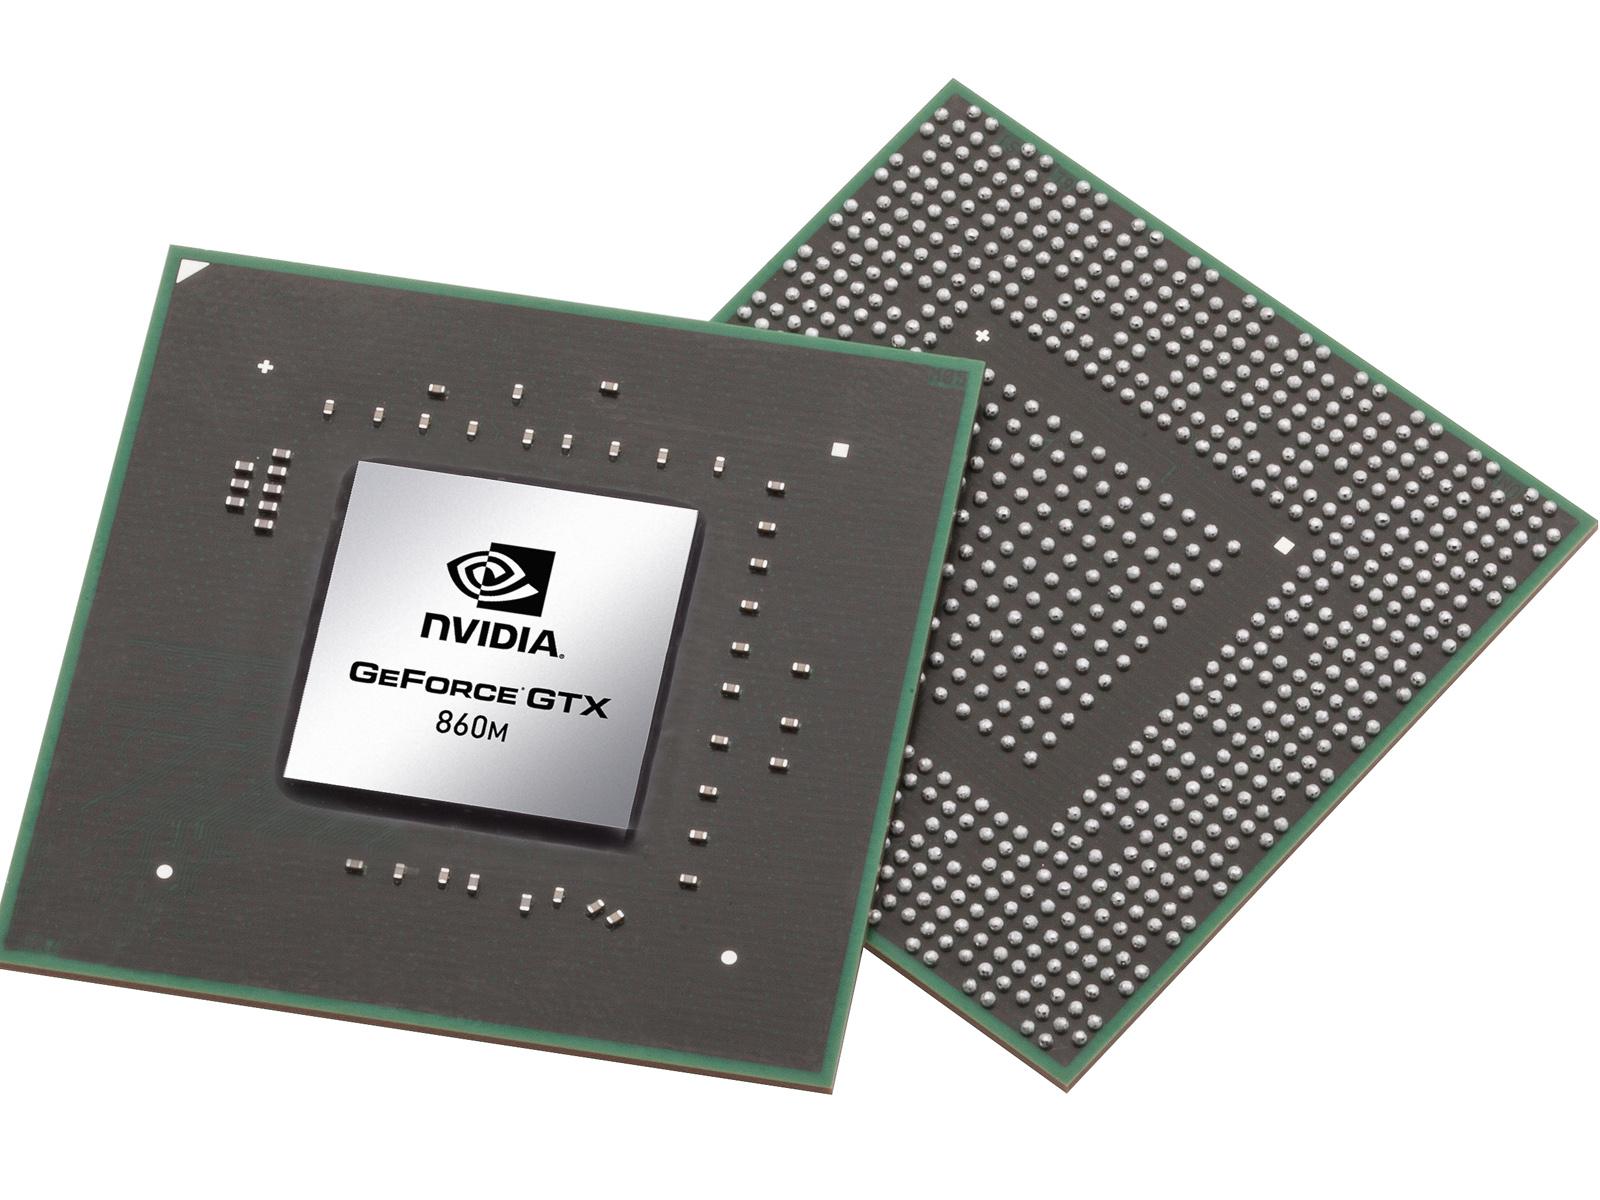 NVIDIA GeForce GTX 860M - NotebookCheck net Tech